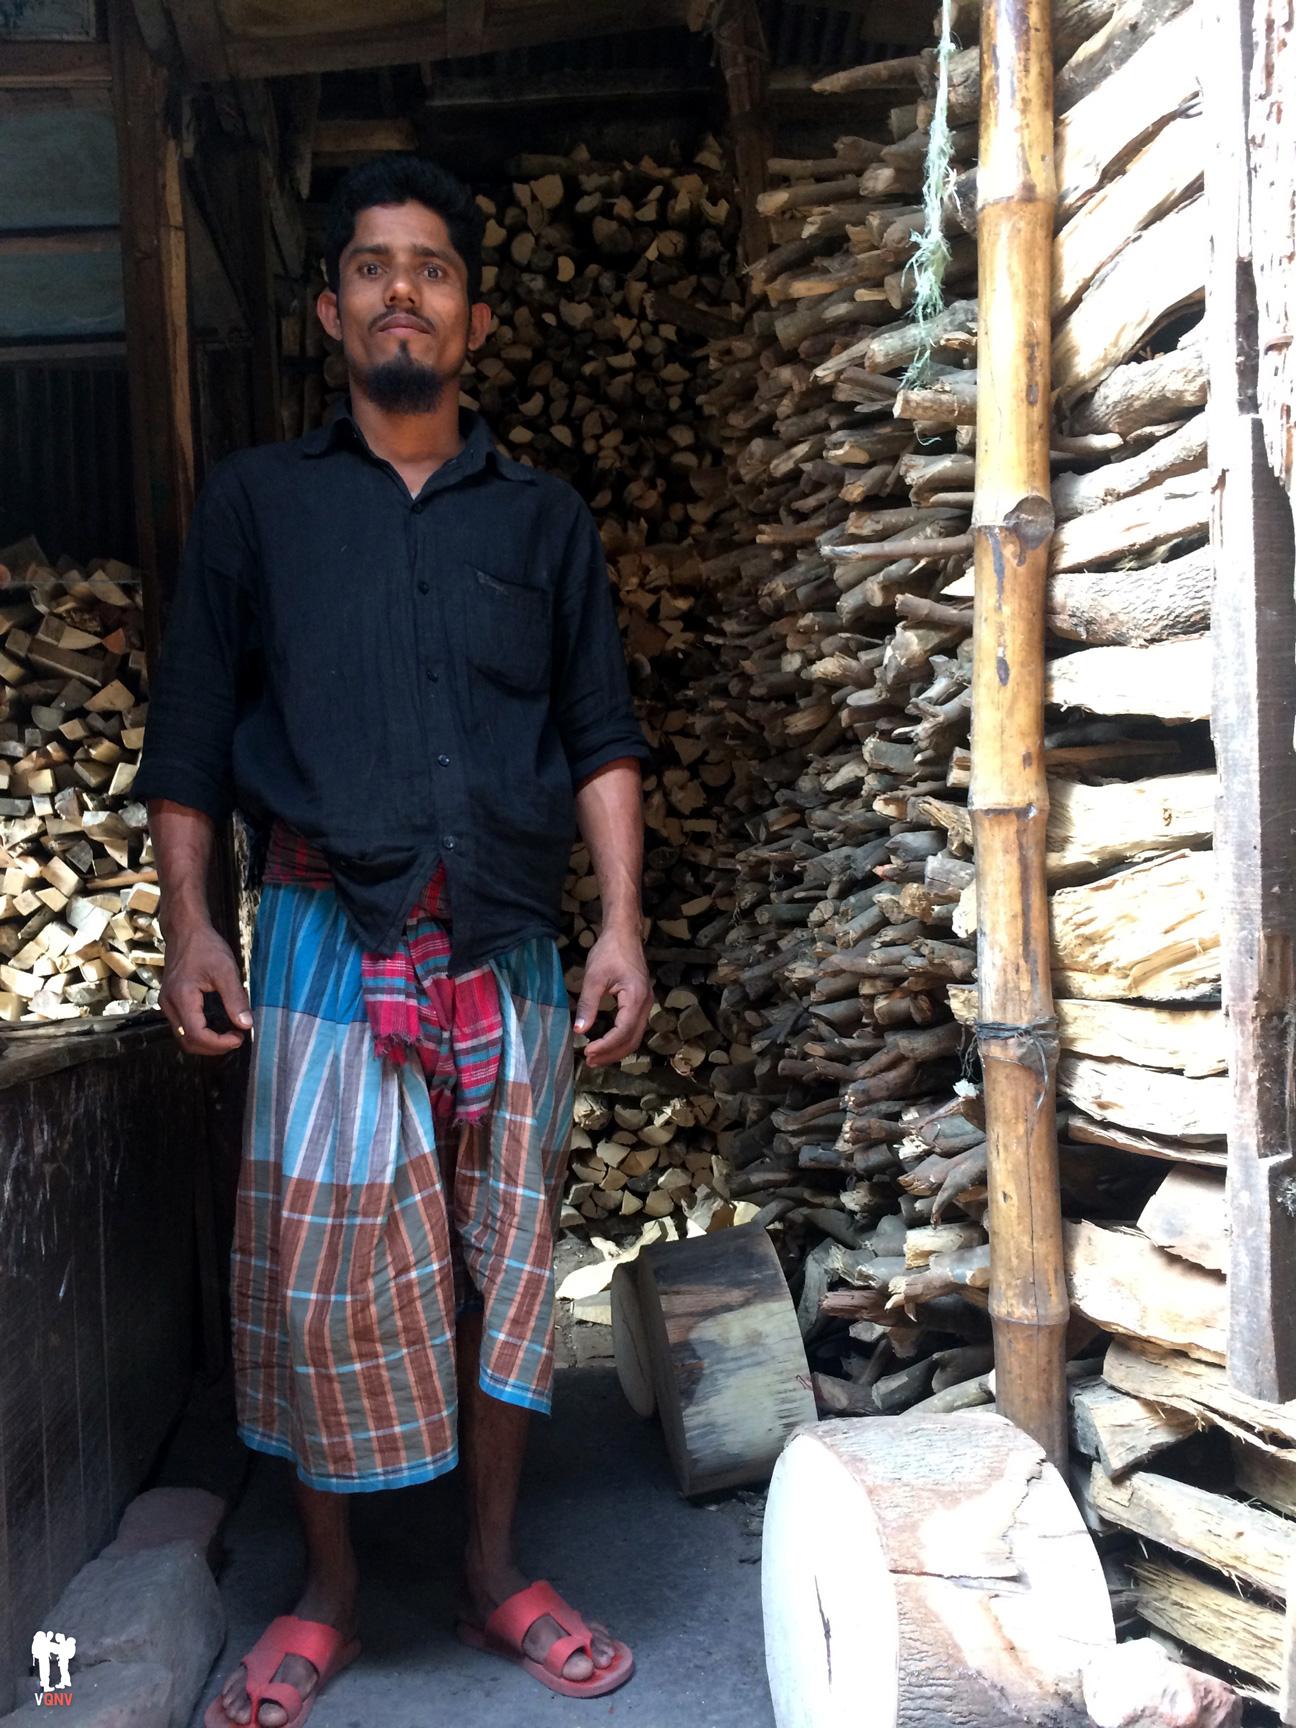 Vendedor de madera